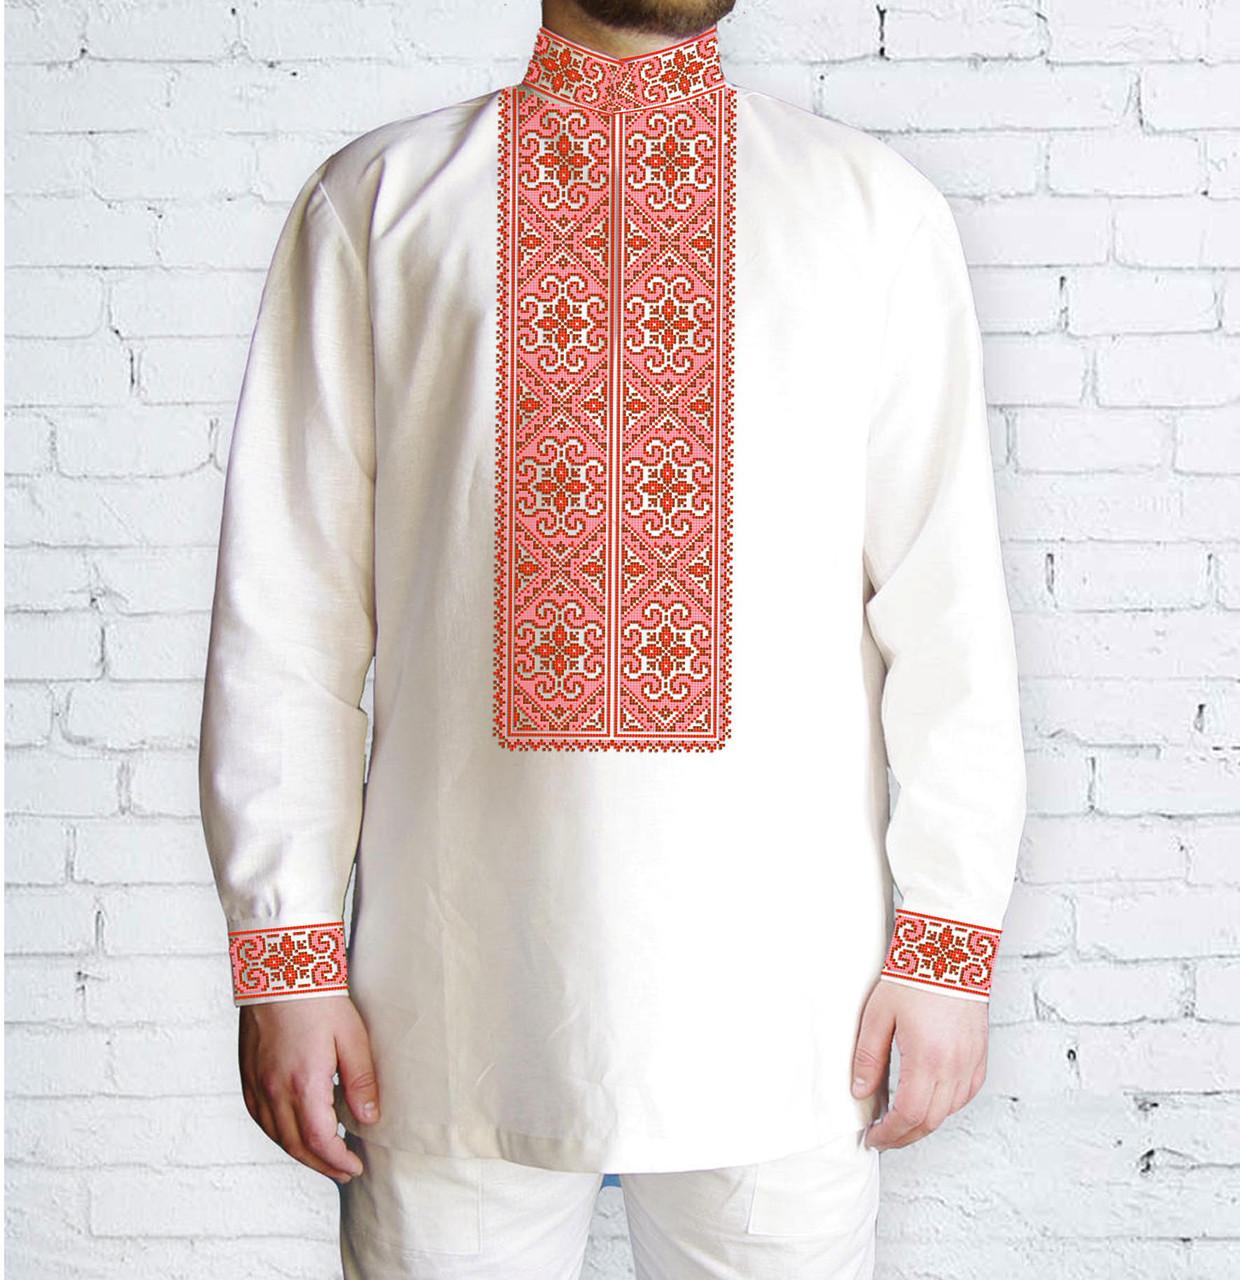 Заготовка мужской рубашки / вышиванки / сорочки для вышивки / вышивания бисером или нитками «Орнамент 519 Ч»